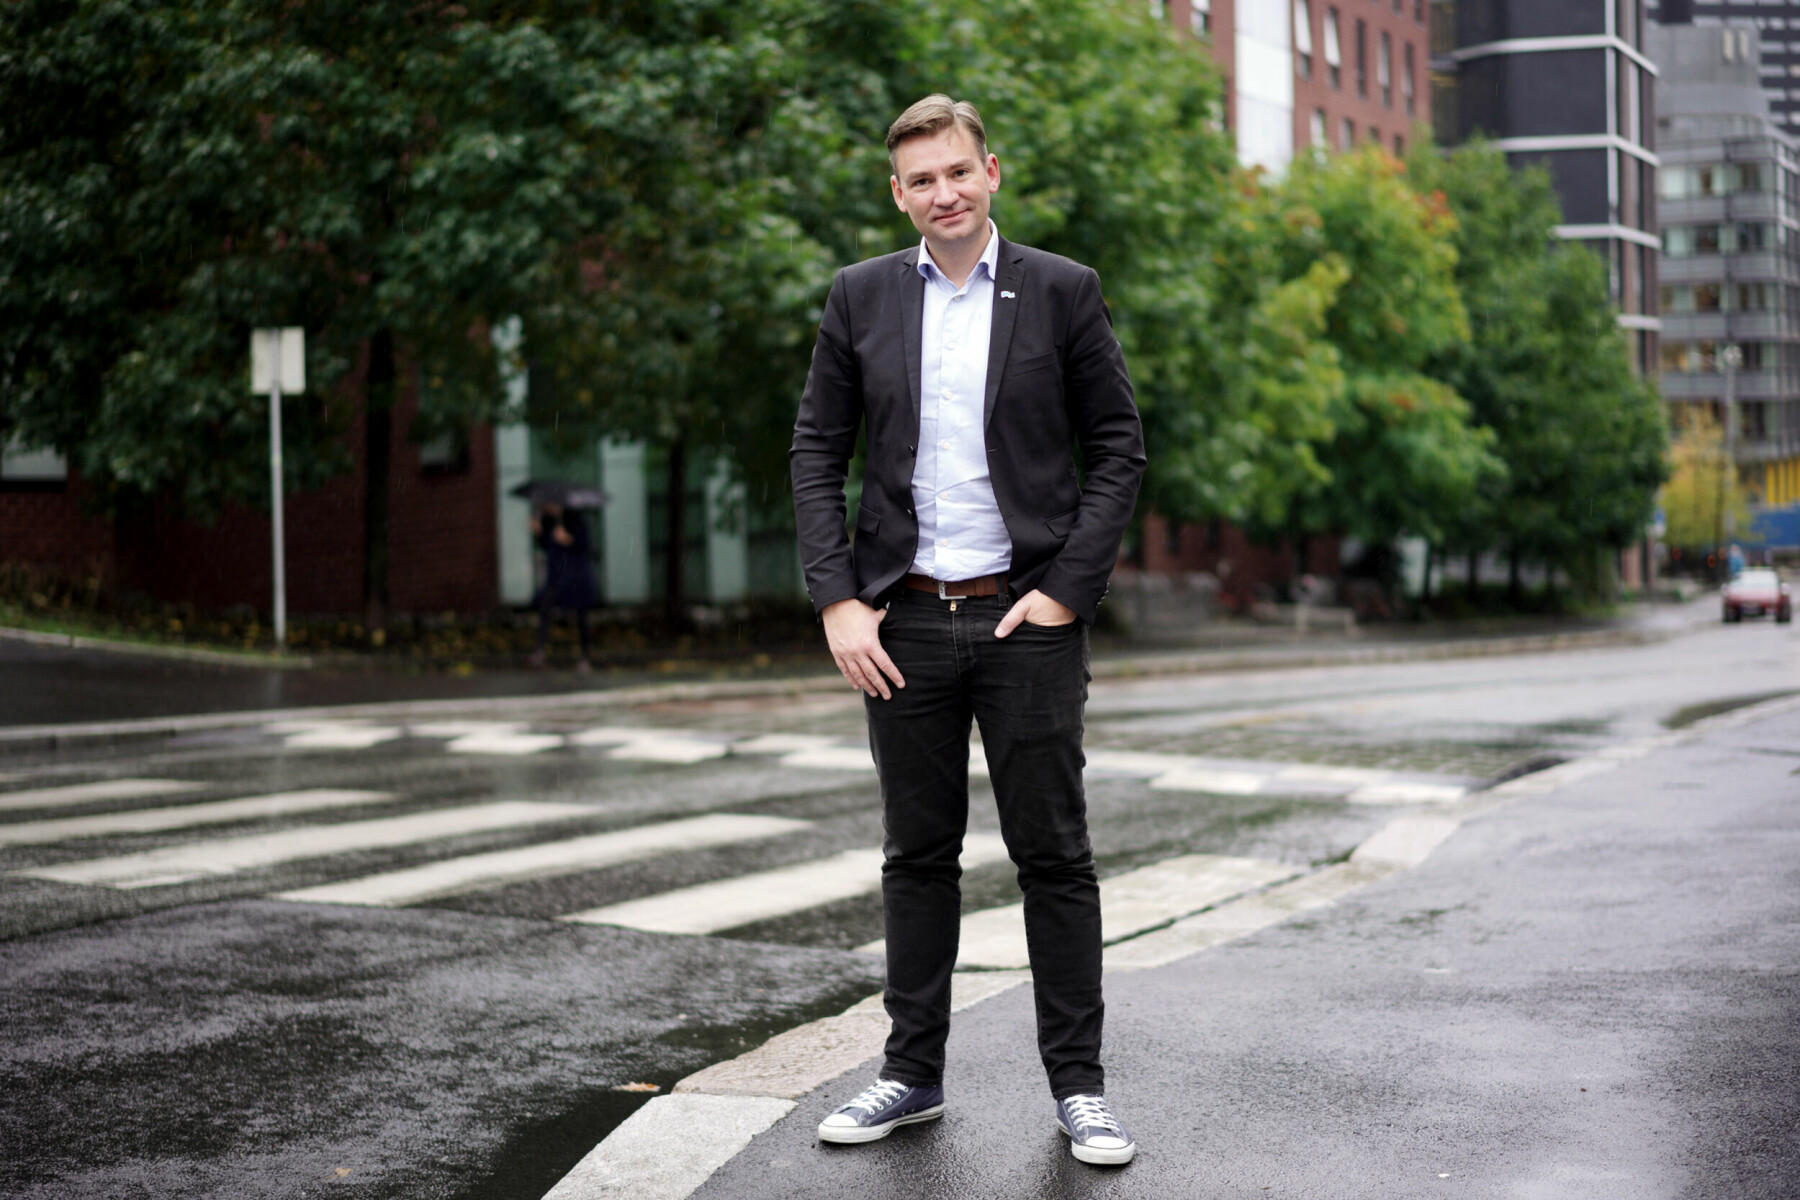 Høyres nye kronprins, som han ble beskrevet i et intervju i Kapital, og studentenes «Party-Henke» takker snart for seg.